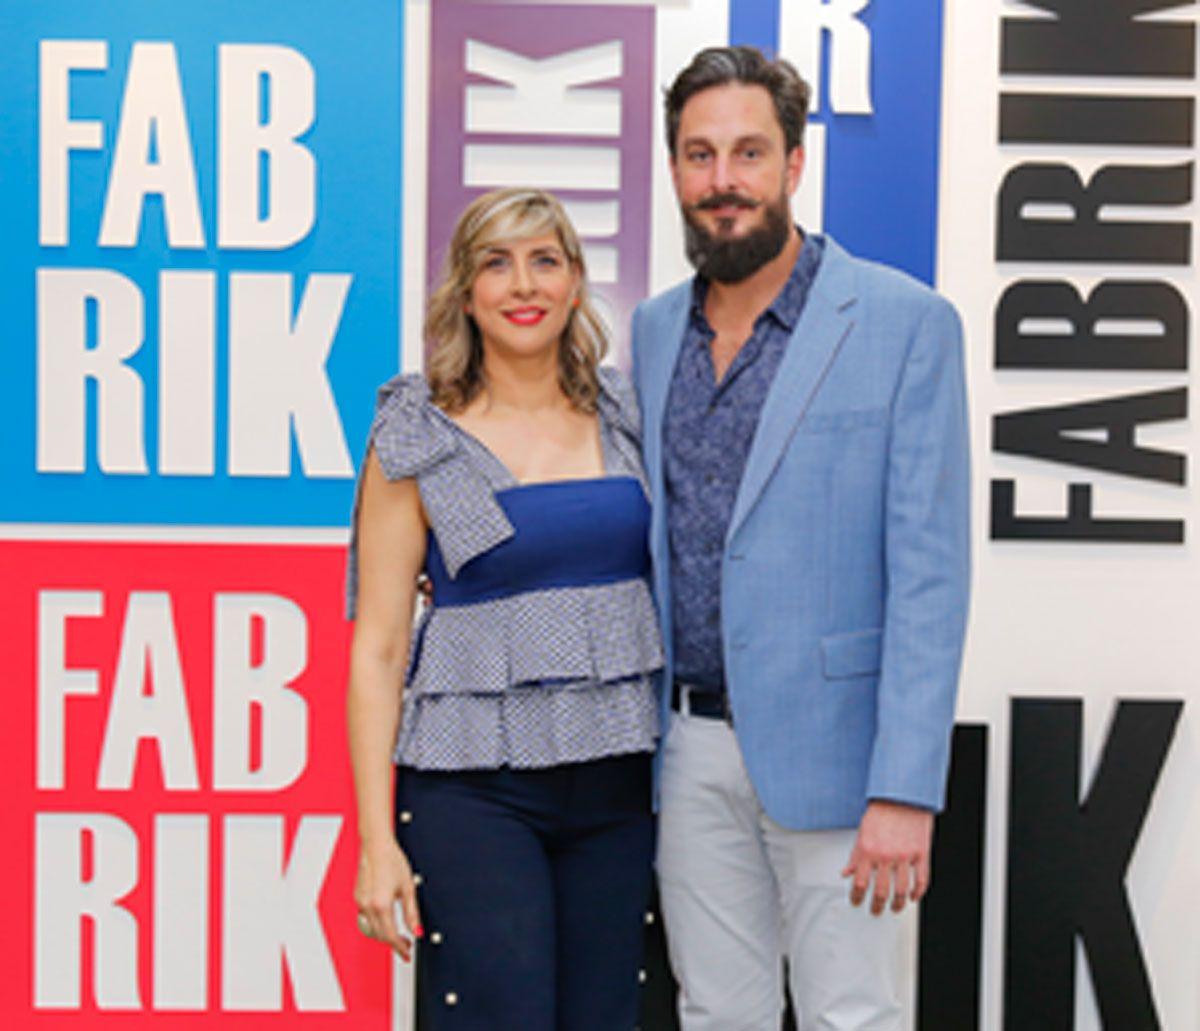 FABRIK abre sus puertas con innovadoras propuestas